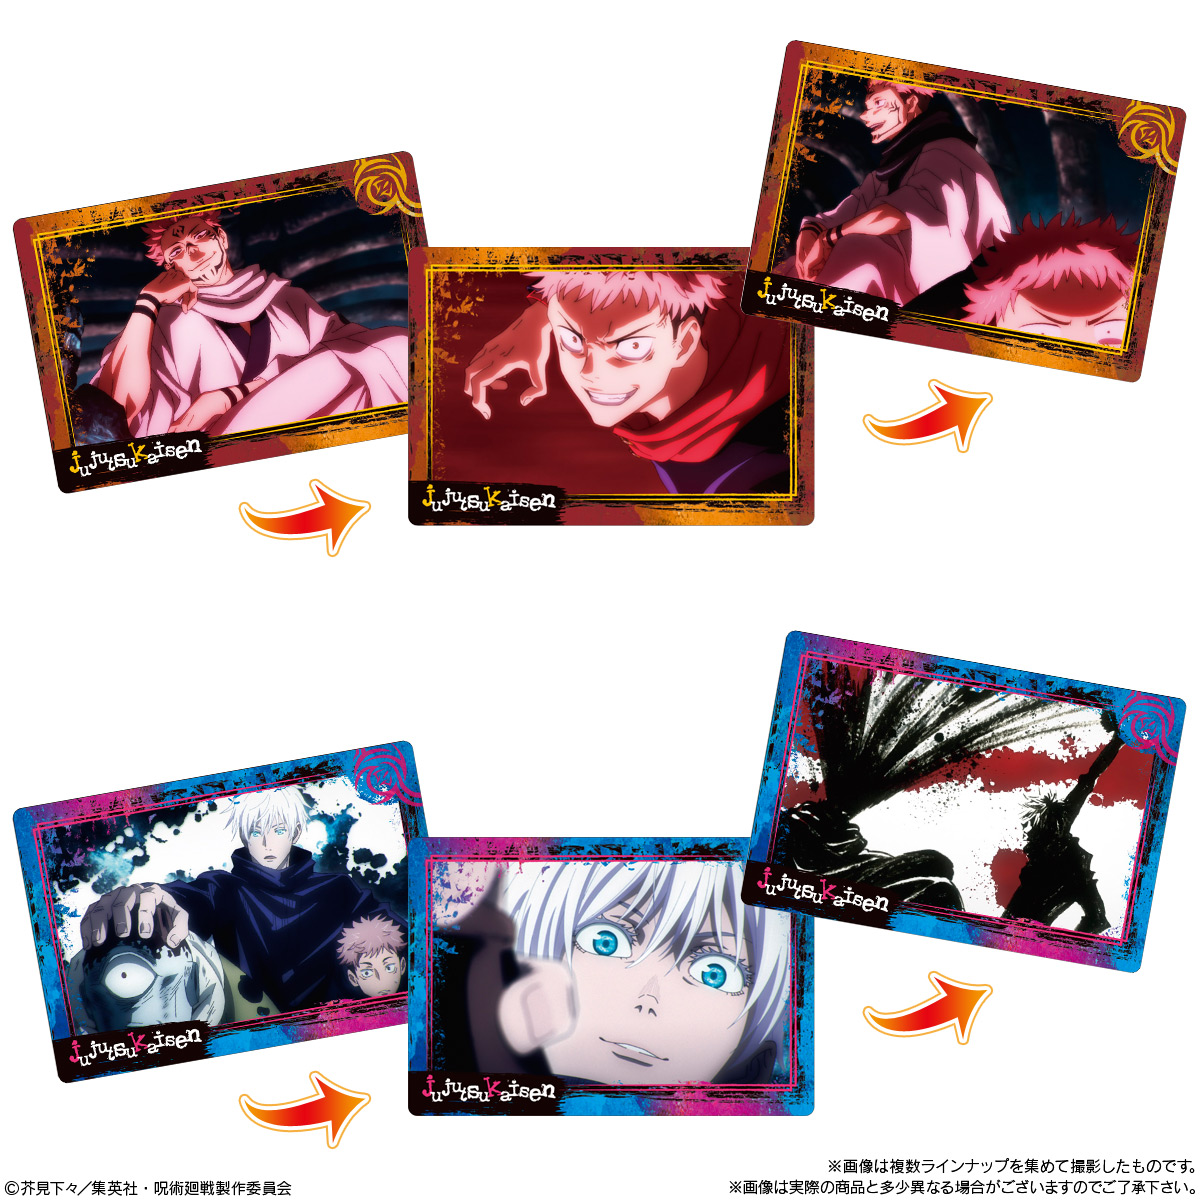 【食玩】呪術廻戦『呪術廻戦 PLAY BACKカードチョコスナック』10個入りBOX-006